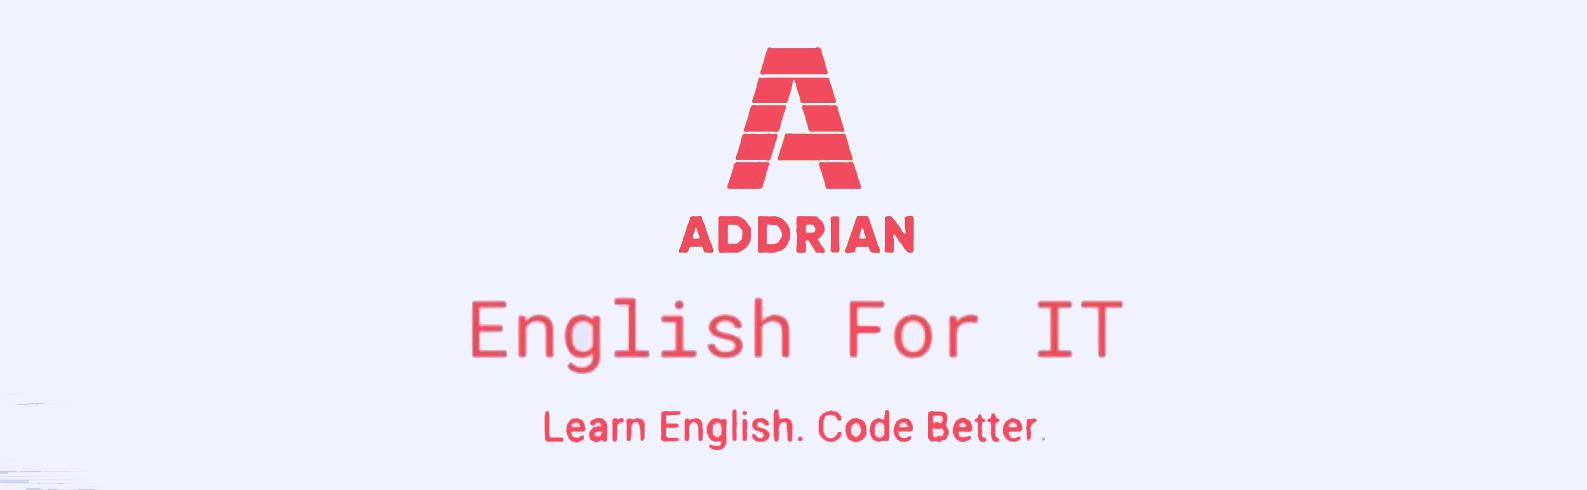 английский для it